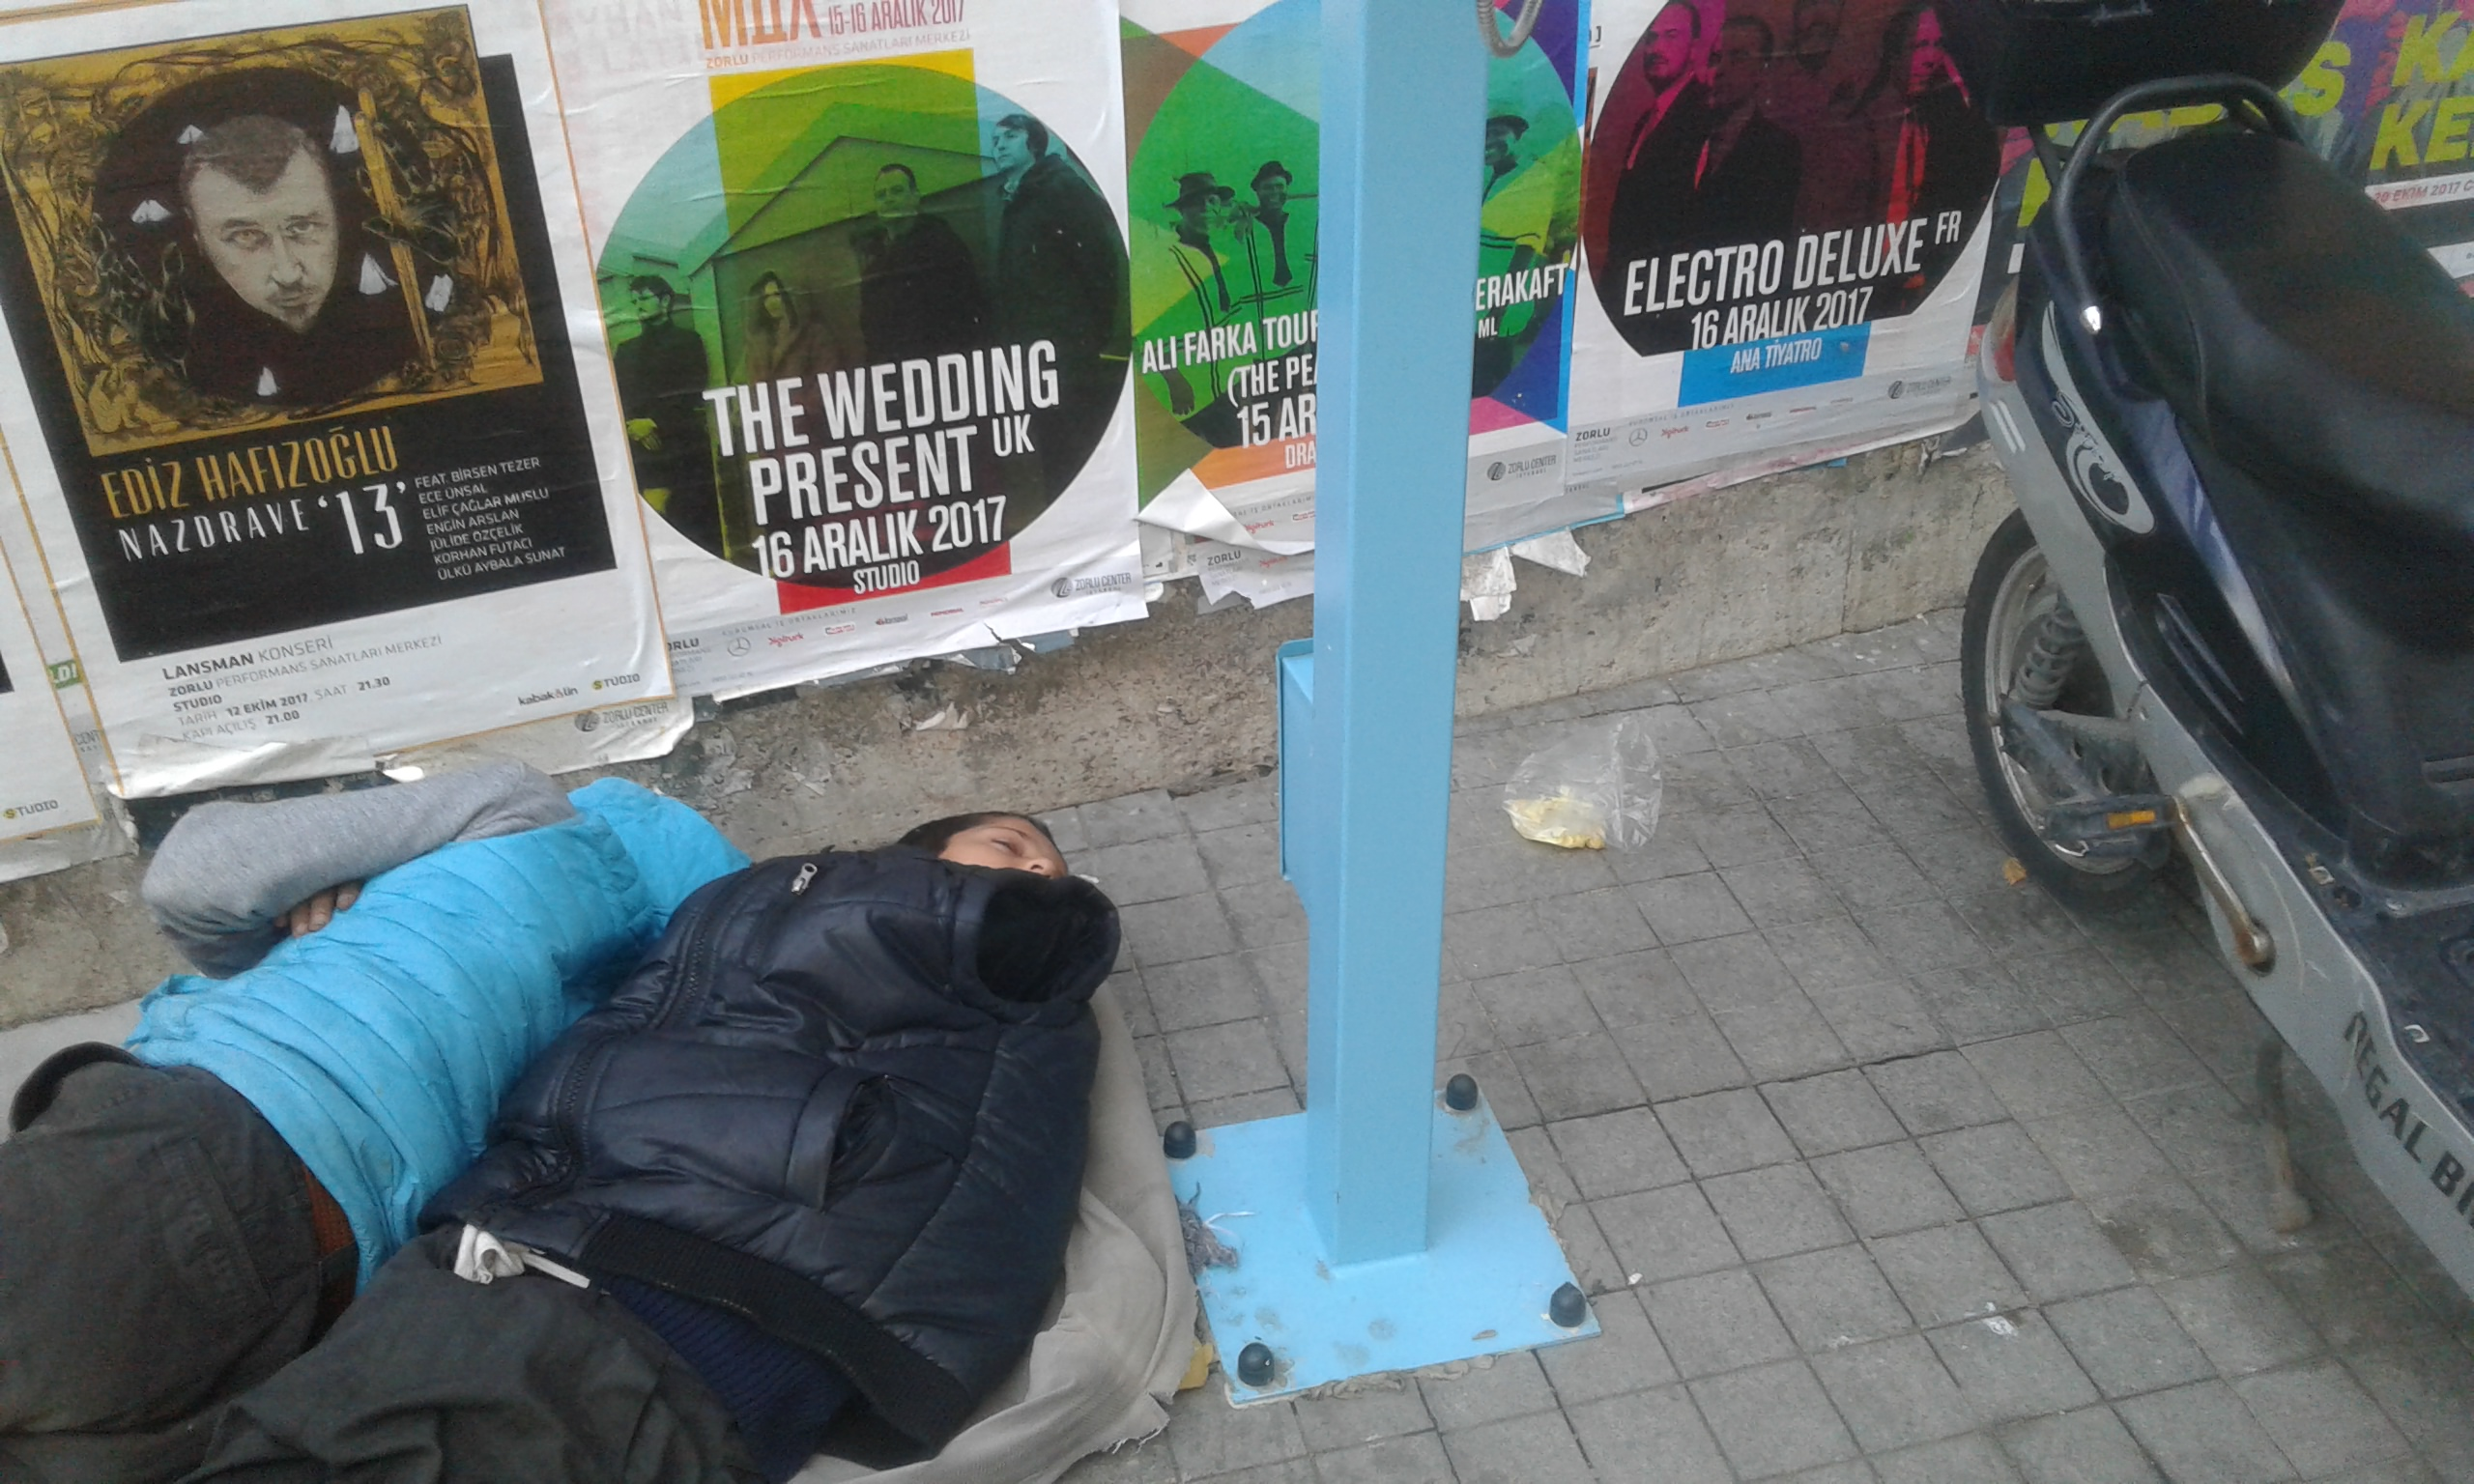 بلا مأوى في شوارع تركيا، «الشعلة» تجذب الأطفال السوريين - Asia Times